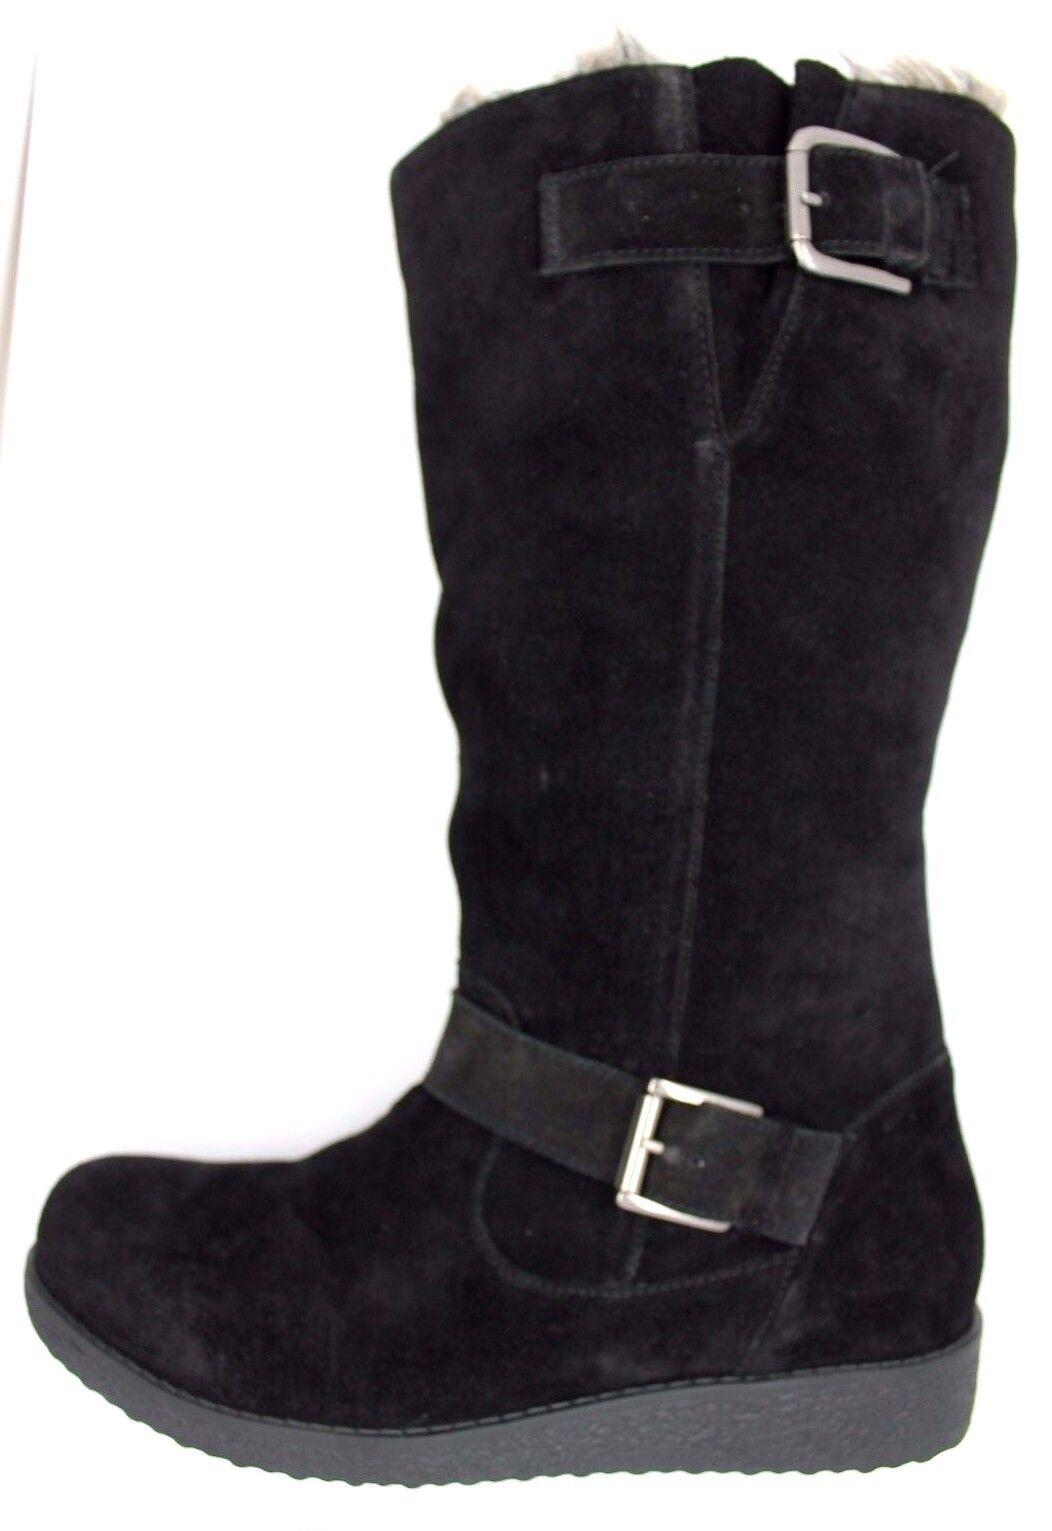 Heavenly suelas para mujer UK 5 Mitad EU 38 Negro Gamuza Piel Forrada Mitad 5 de Pantorrilla botas De Invierno Nuevo 4746c0